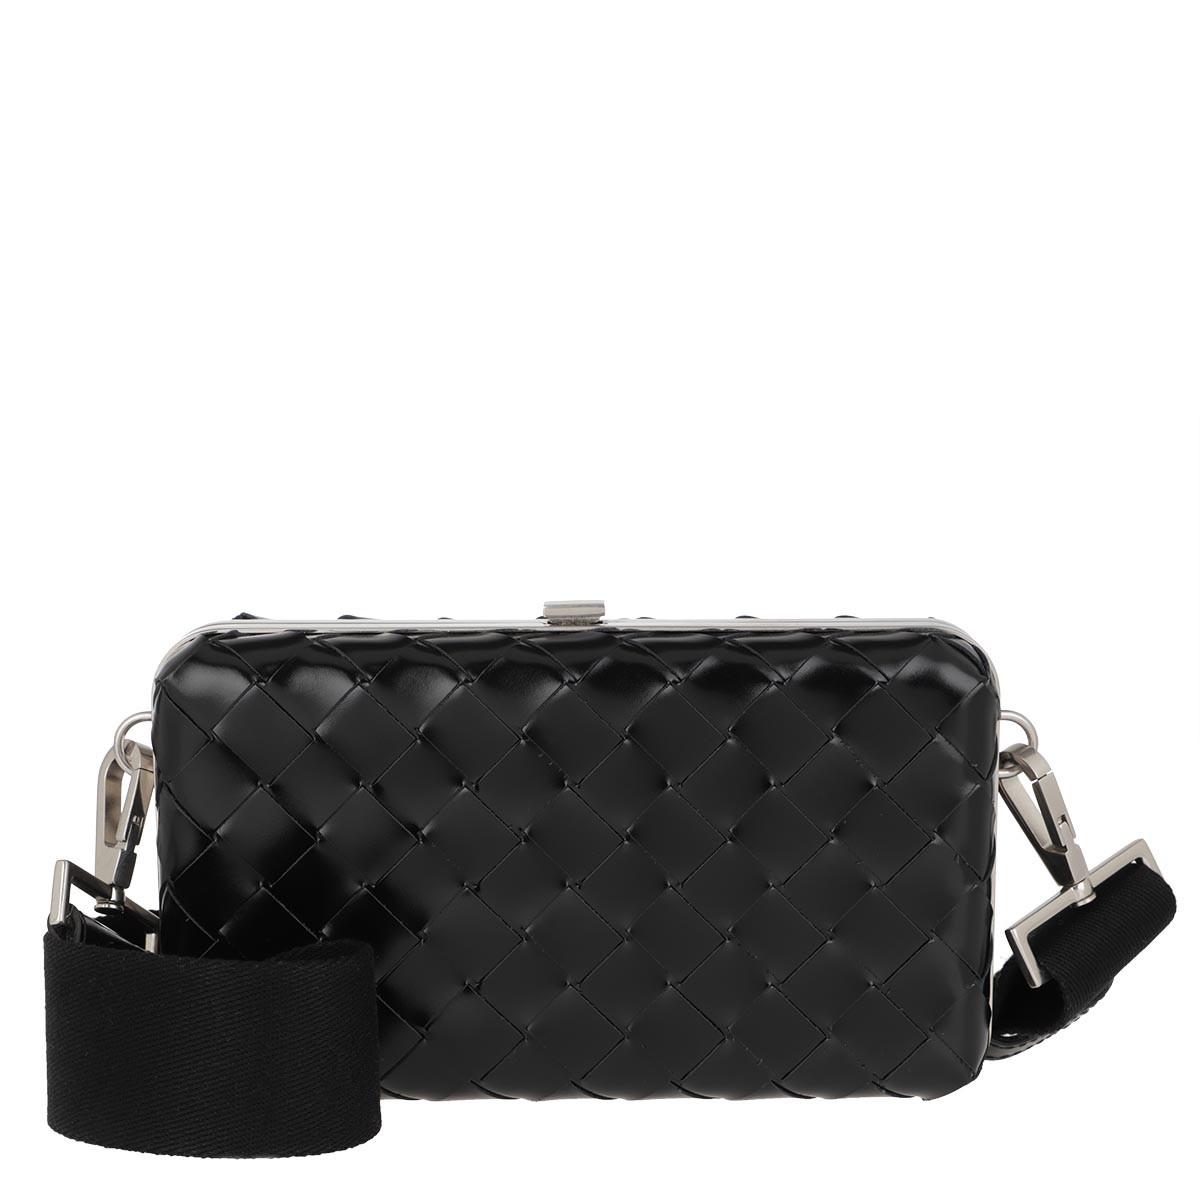 Bottega Veneta Umhängetasche - Men Woven Messenger Bag Leather Black - in schwarz - für Damen